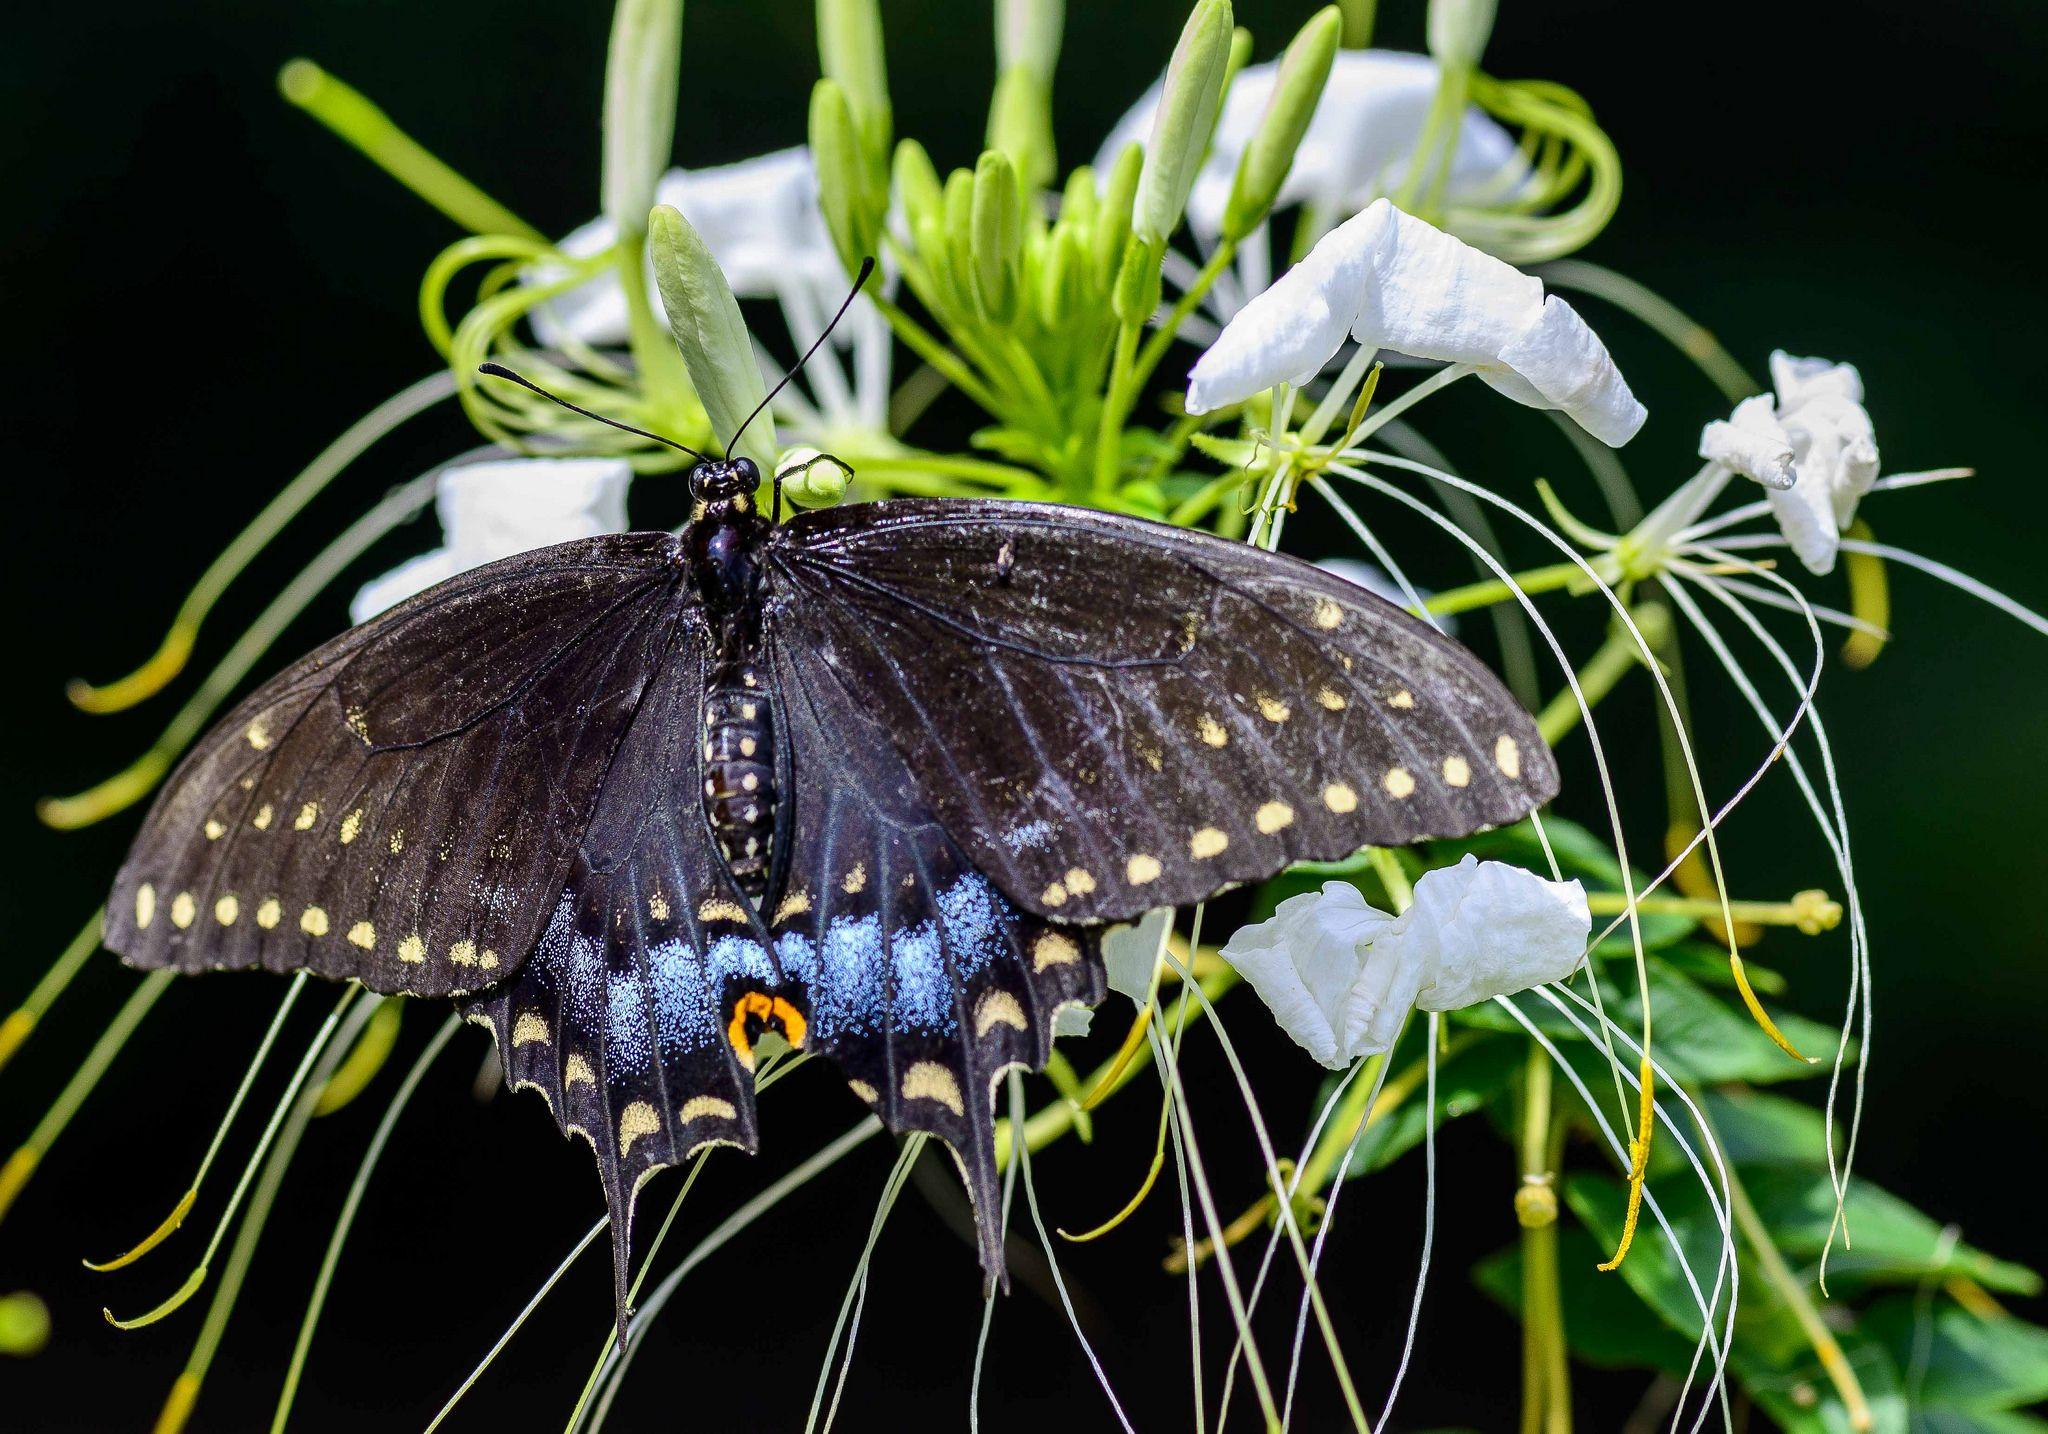 https://flic.kr/p/w5i3pC | Butterfly-on-black